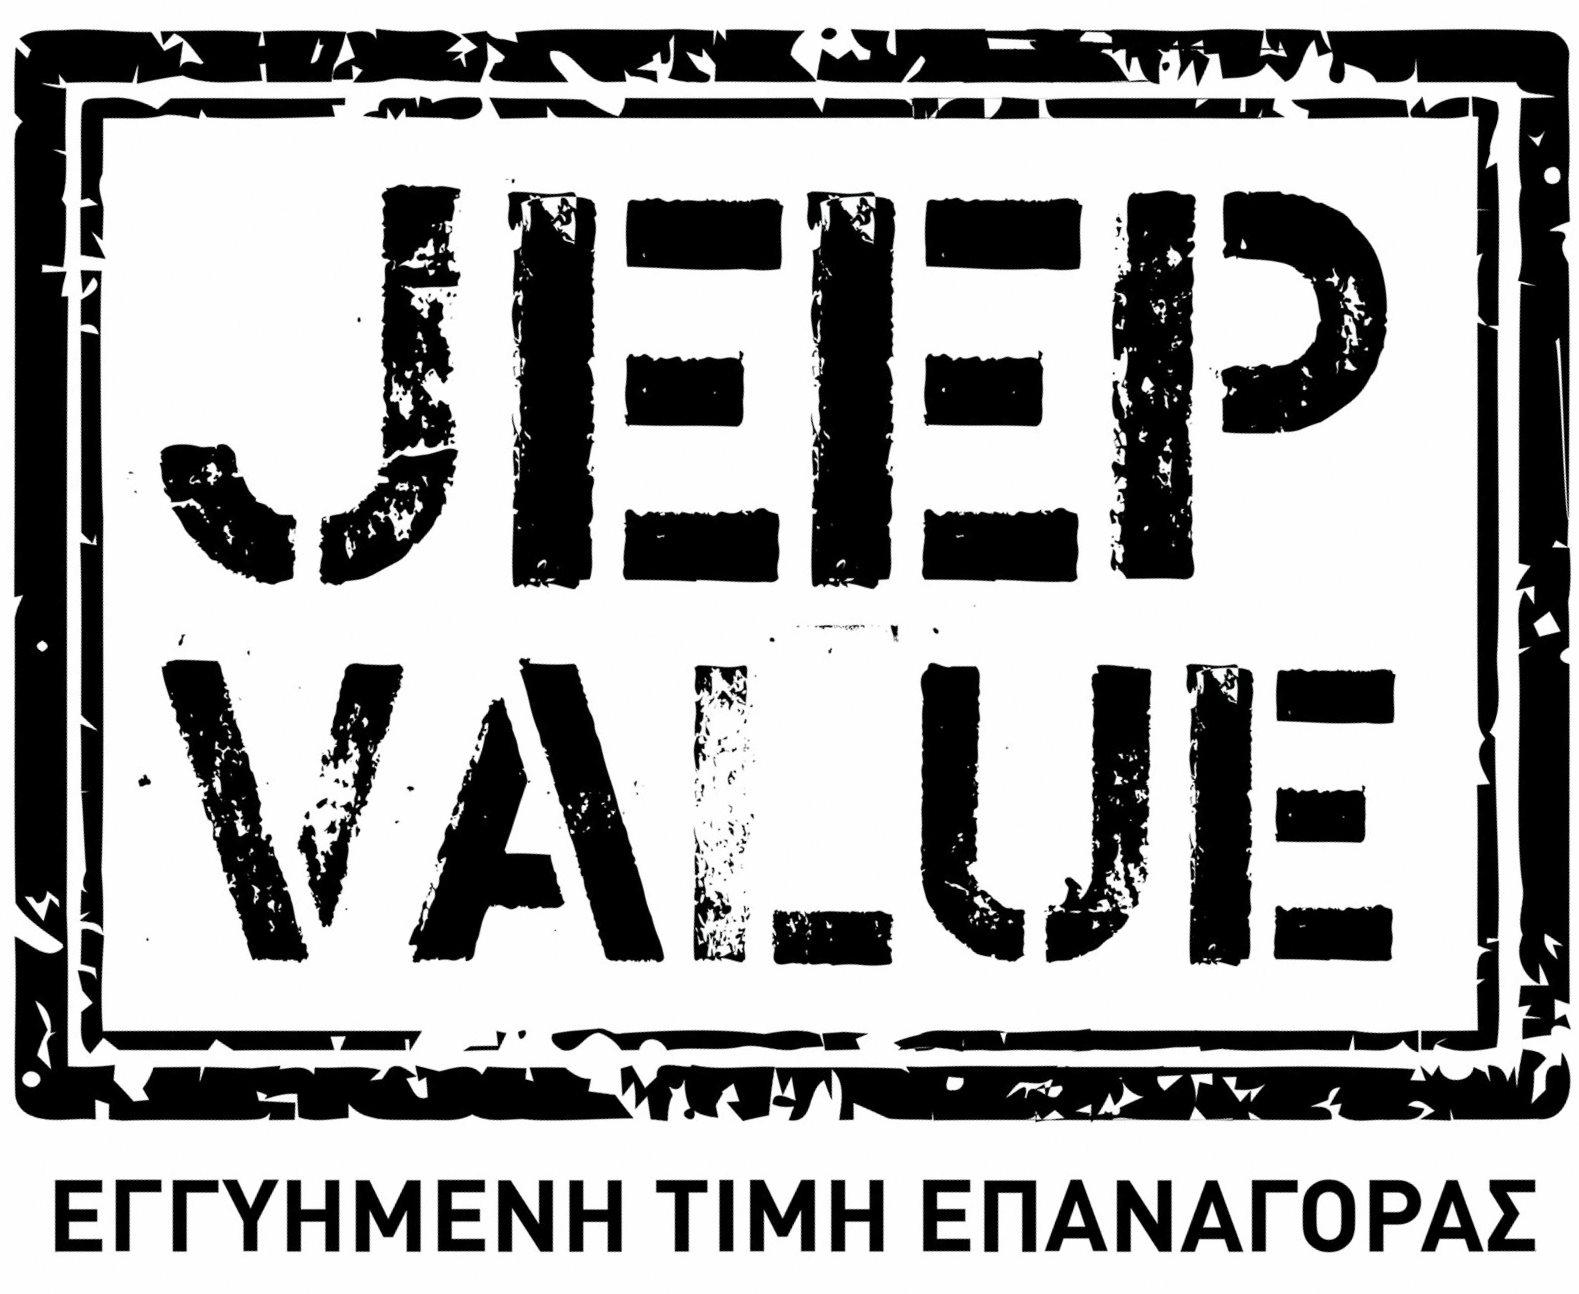 Jeep2BValue2BLogo W2526B Οι κάτοχοι Jeep έχουν προσυμφωνημένη την αξία μεταπώλησης του αυτοκινήτου τους! Jeep, Jeep Renegade, Jeep Renegade 1.6L Sport 4Χ2, Jeep Renegade 2.0L Longtitude 4Χ4, Jeep Value, Lancia Jeep Hellas, προσφορές, πωλήσεις